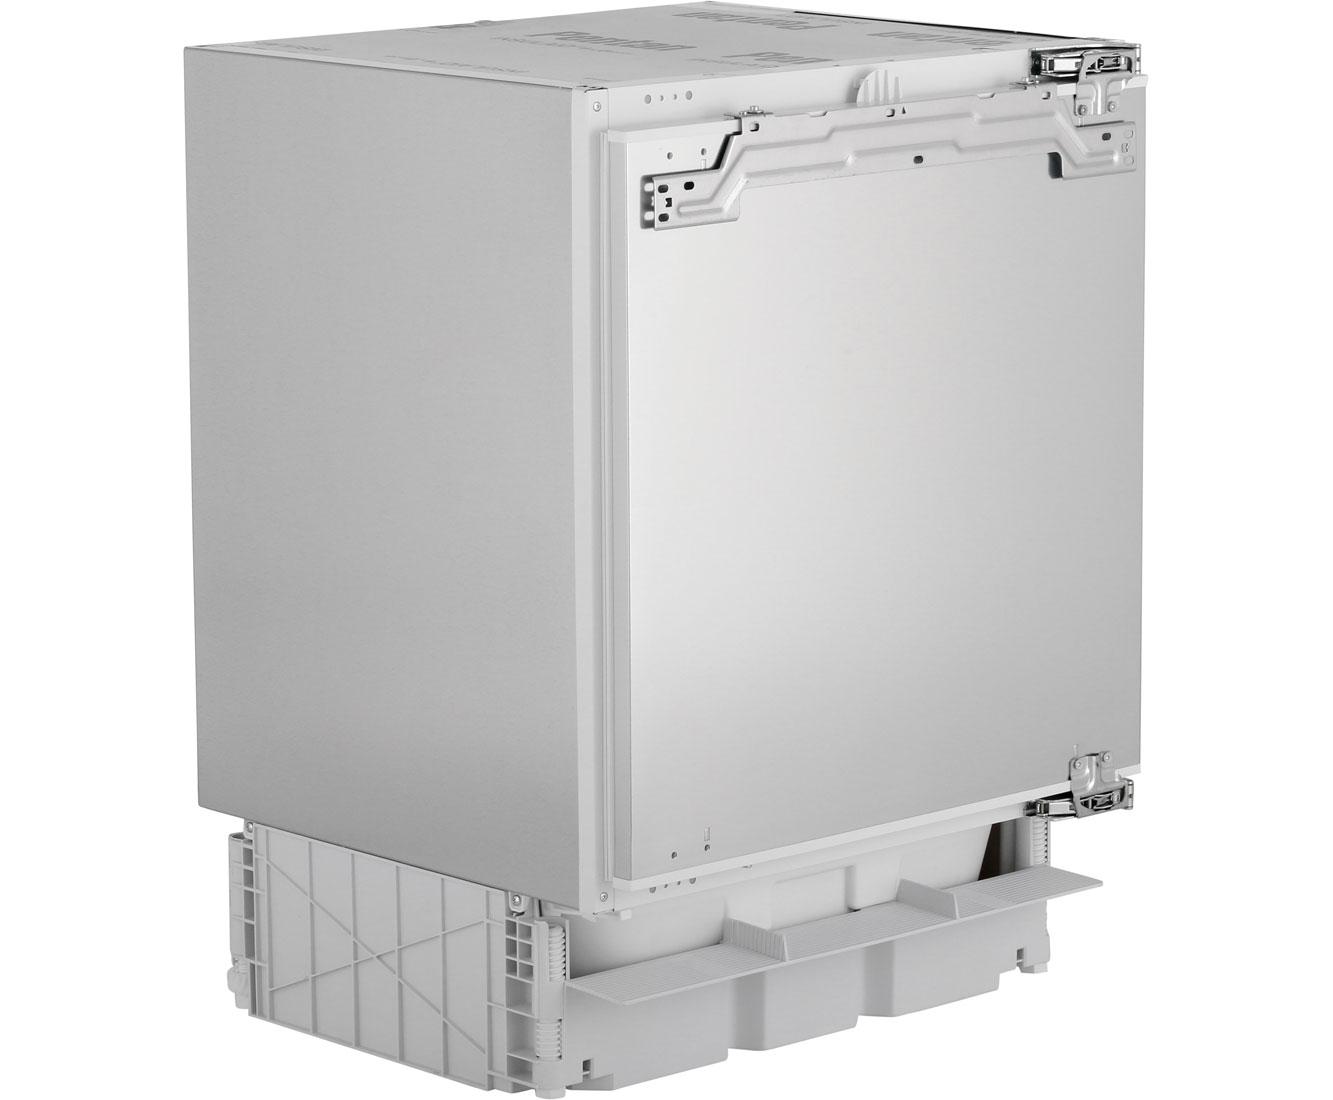 Gorenje Kühlschrank Unterbaufähig : Unterbau kühlschrank preisvergleich u die besten angebote online